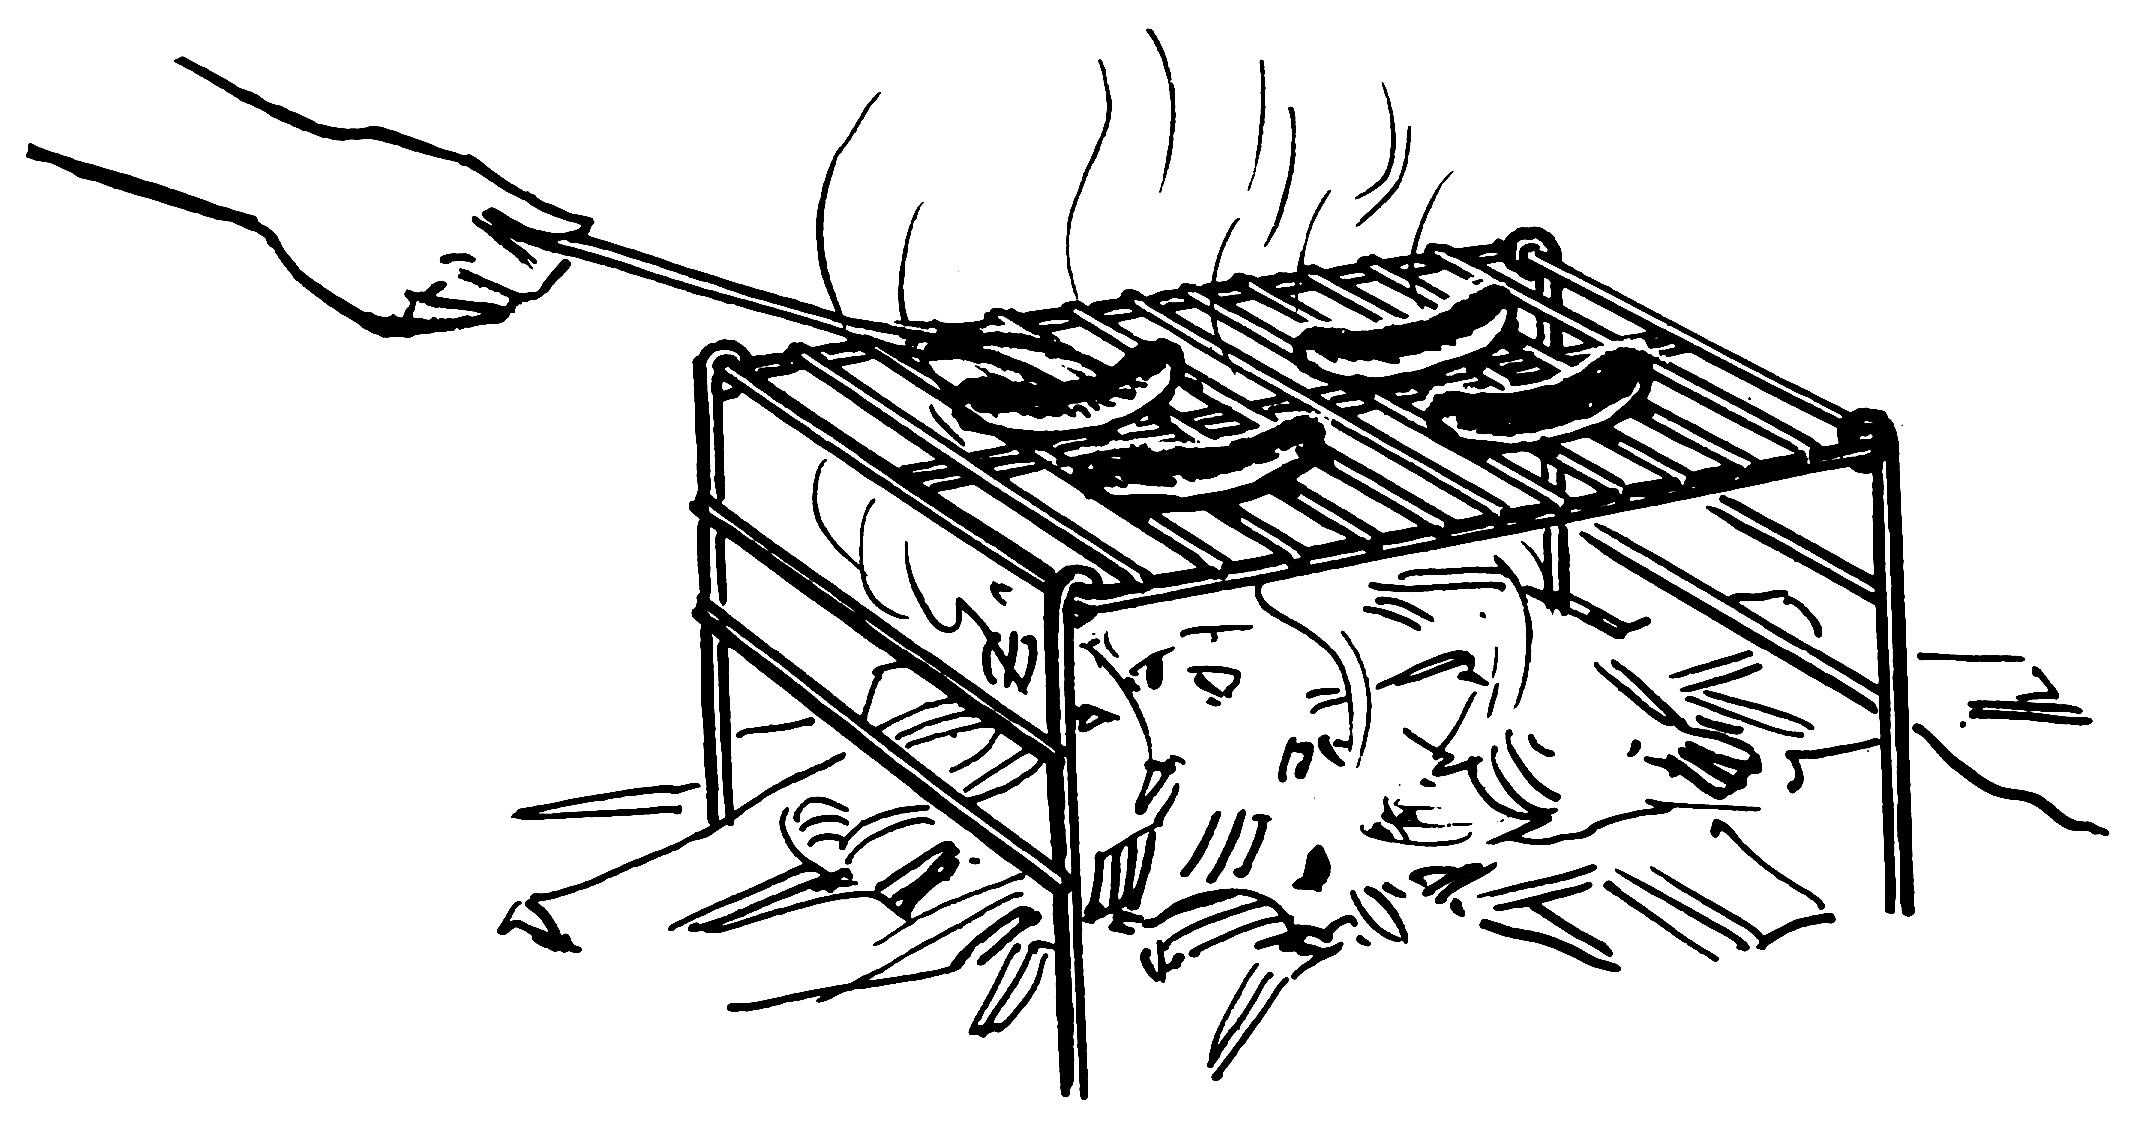 pierwsze grillowanie